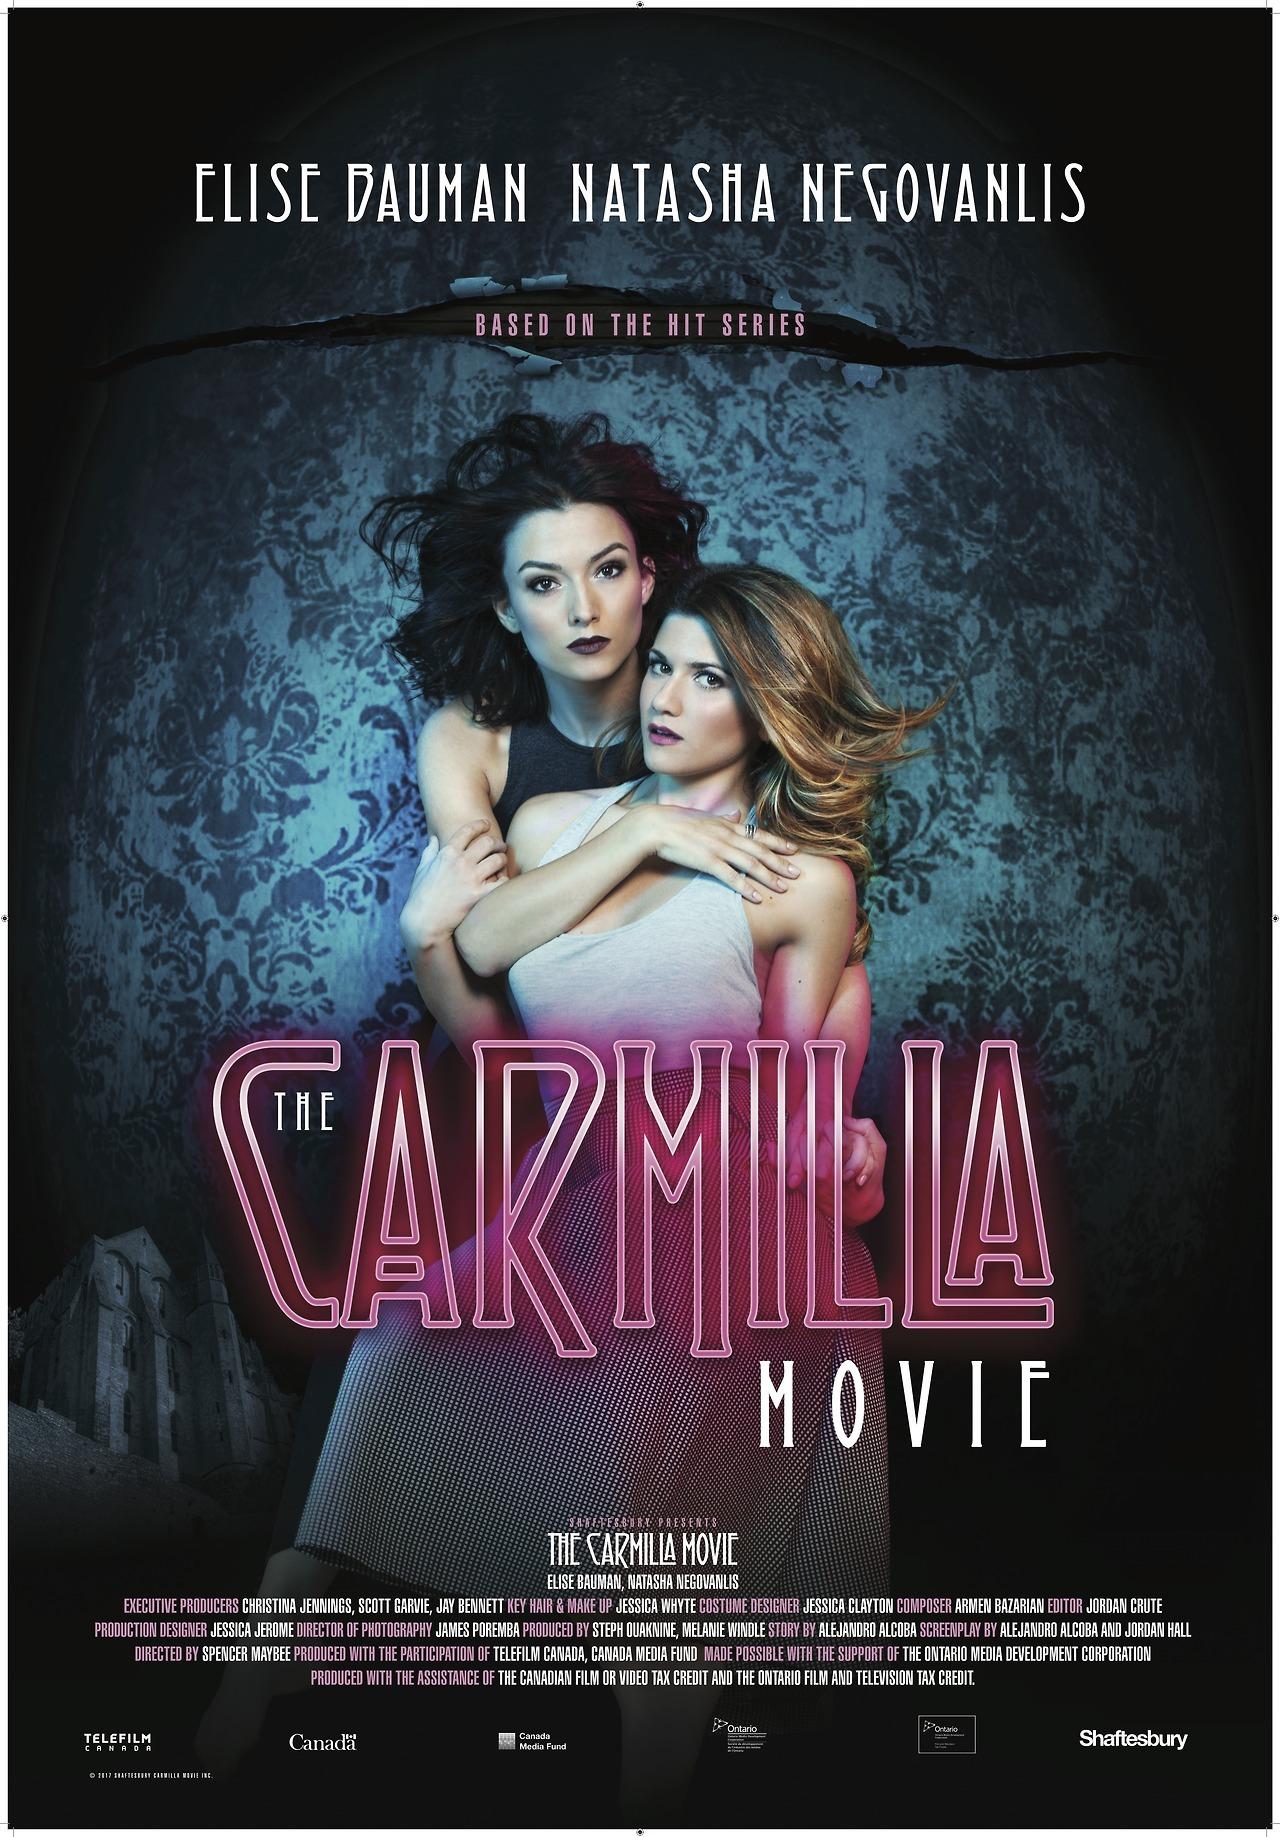 carmilla the movie 2017 watch online